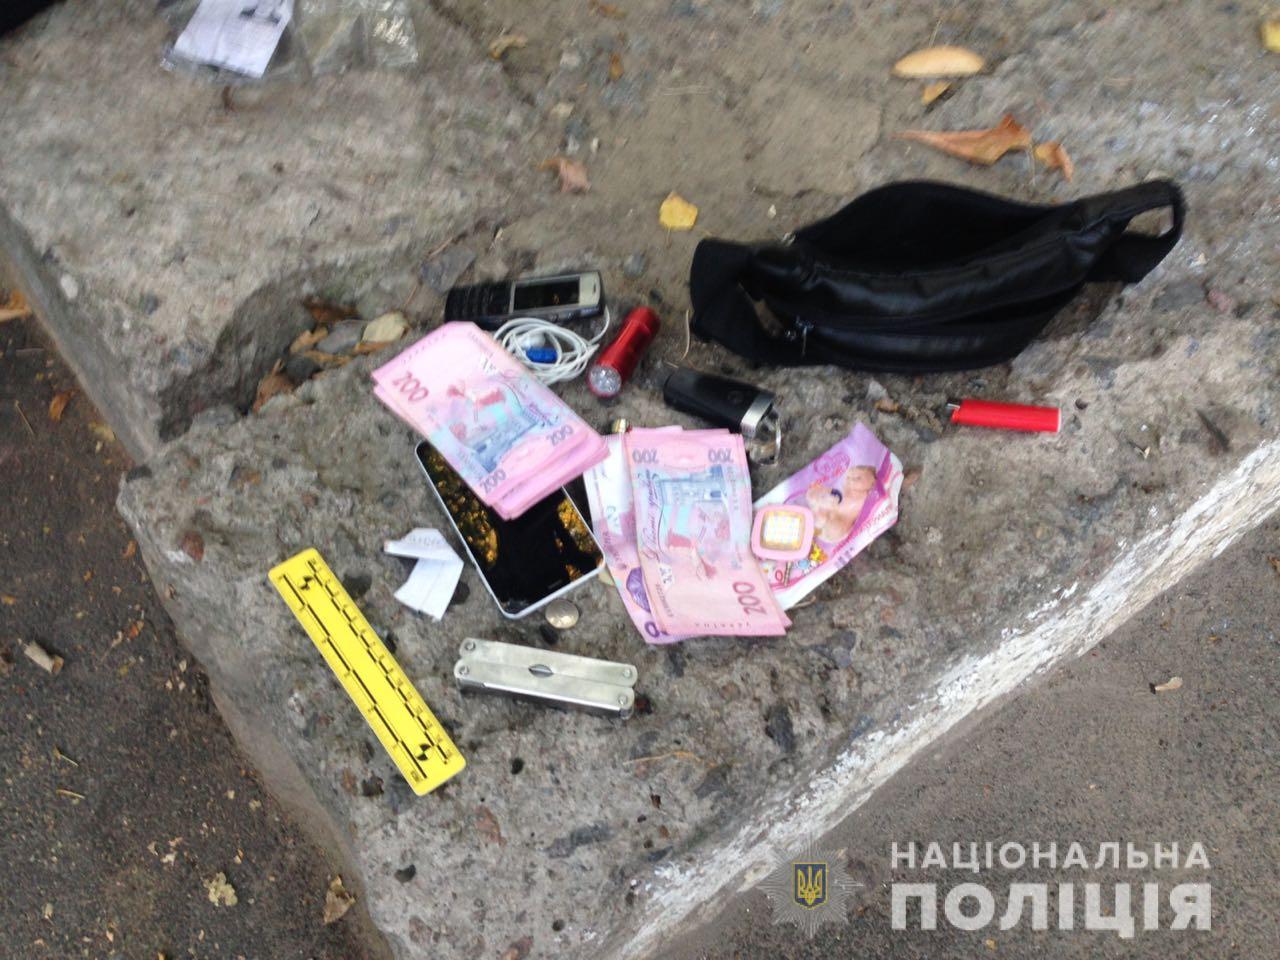 Грабитель, угрожая ножом, заставил мужчину снять деньги с банкомата